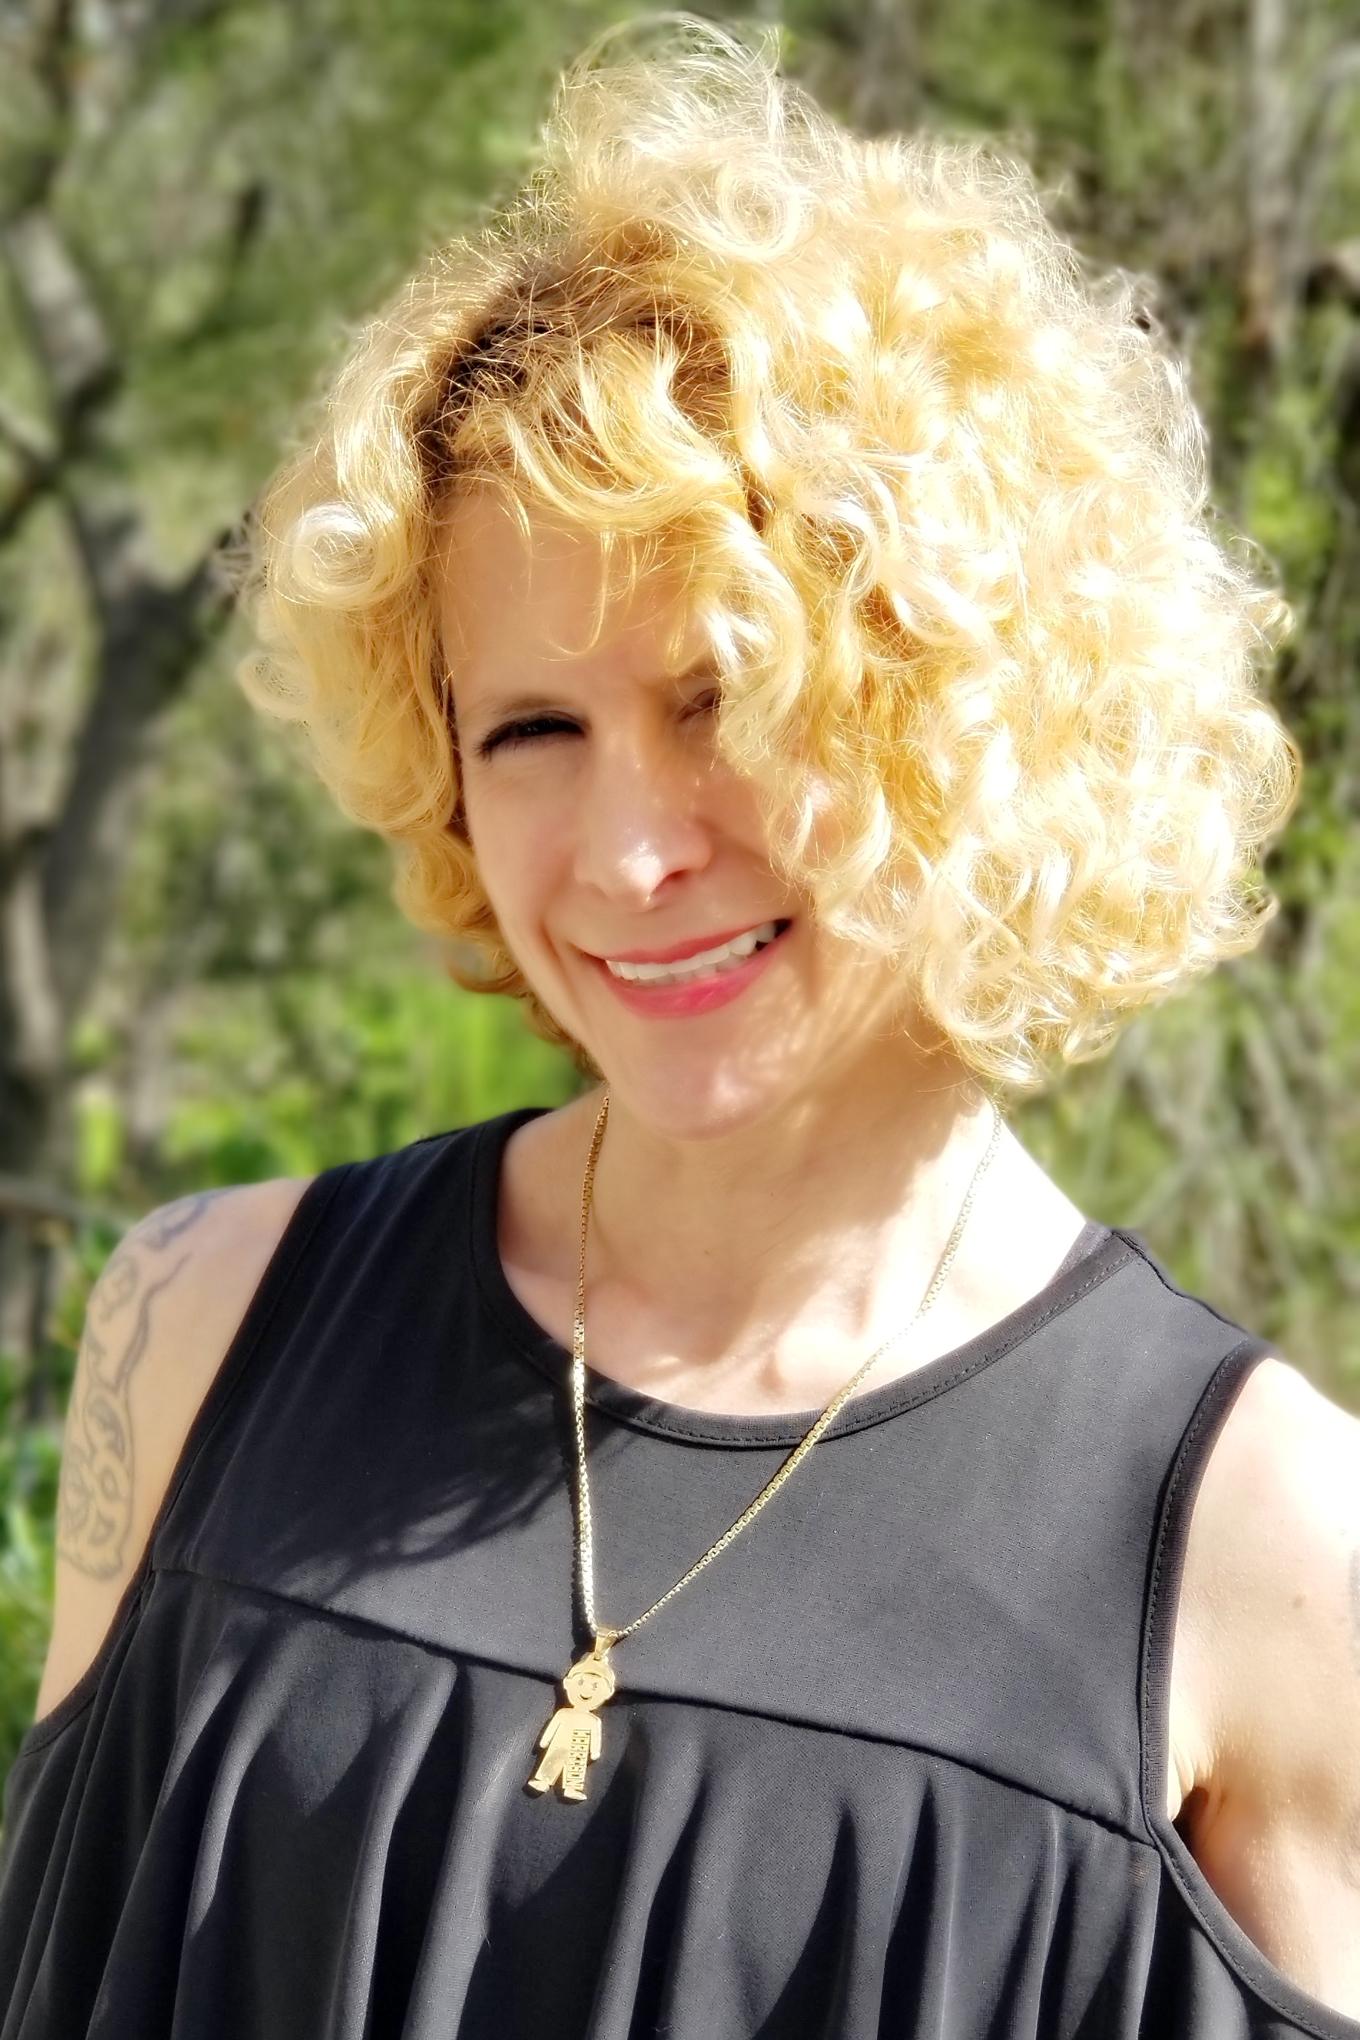 Leslie Weinberg